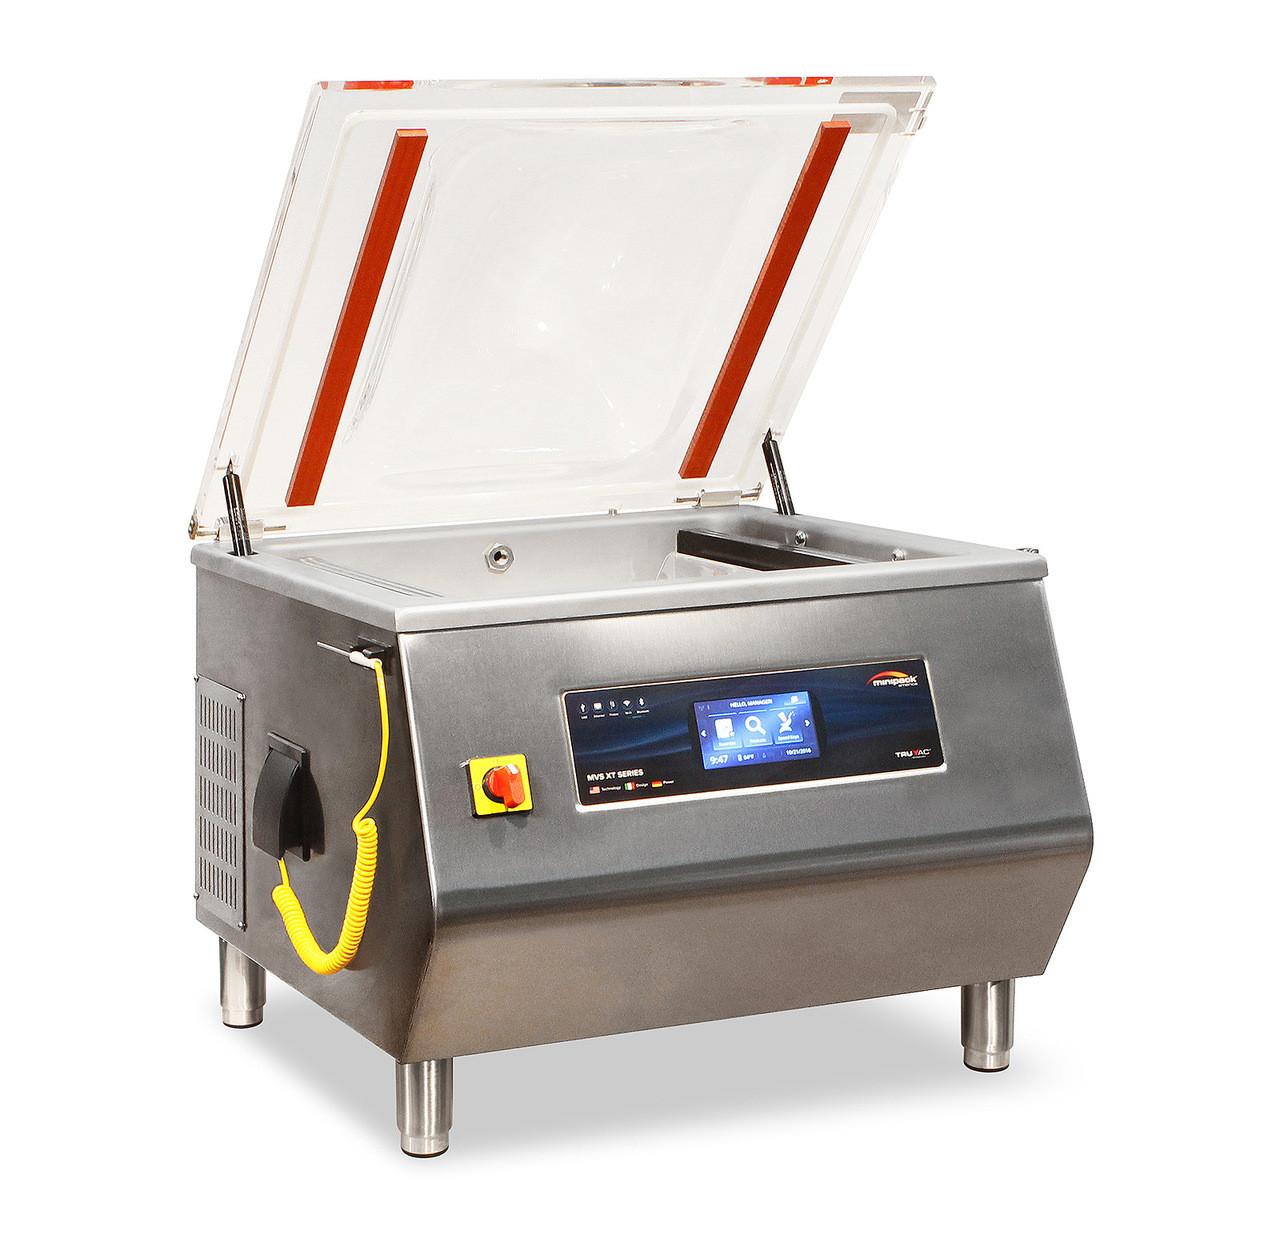 MiniPack MV 45 VacSmart - Chamber Vacuum Packing Machine